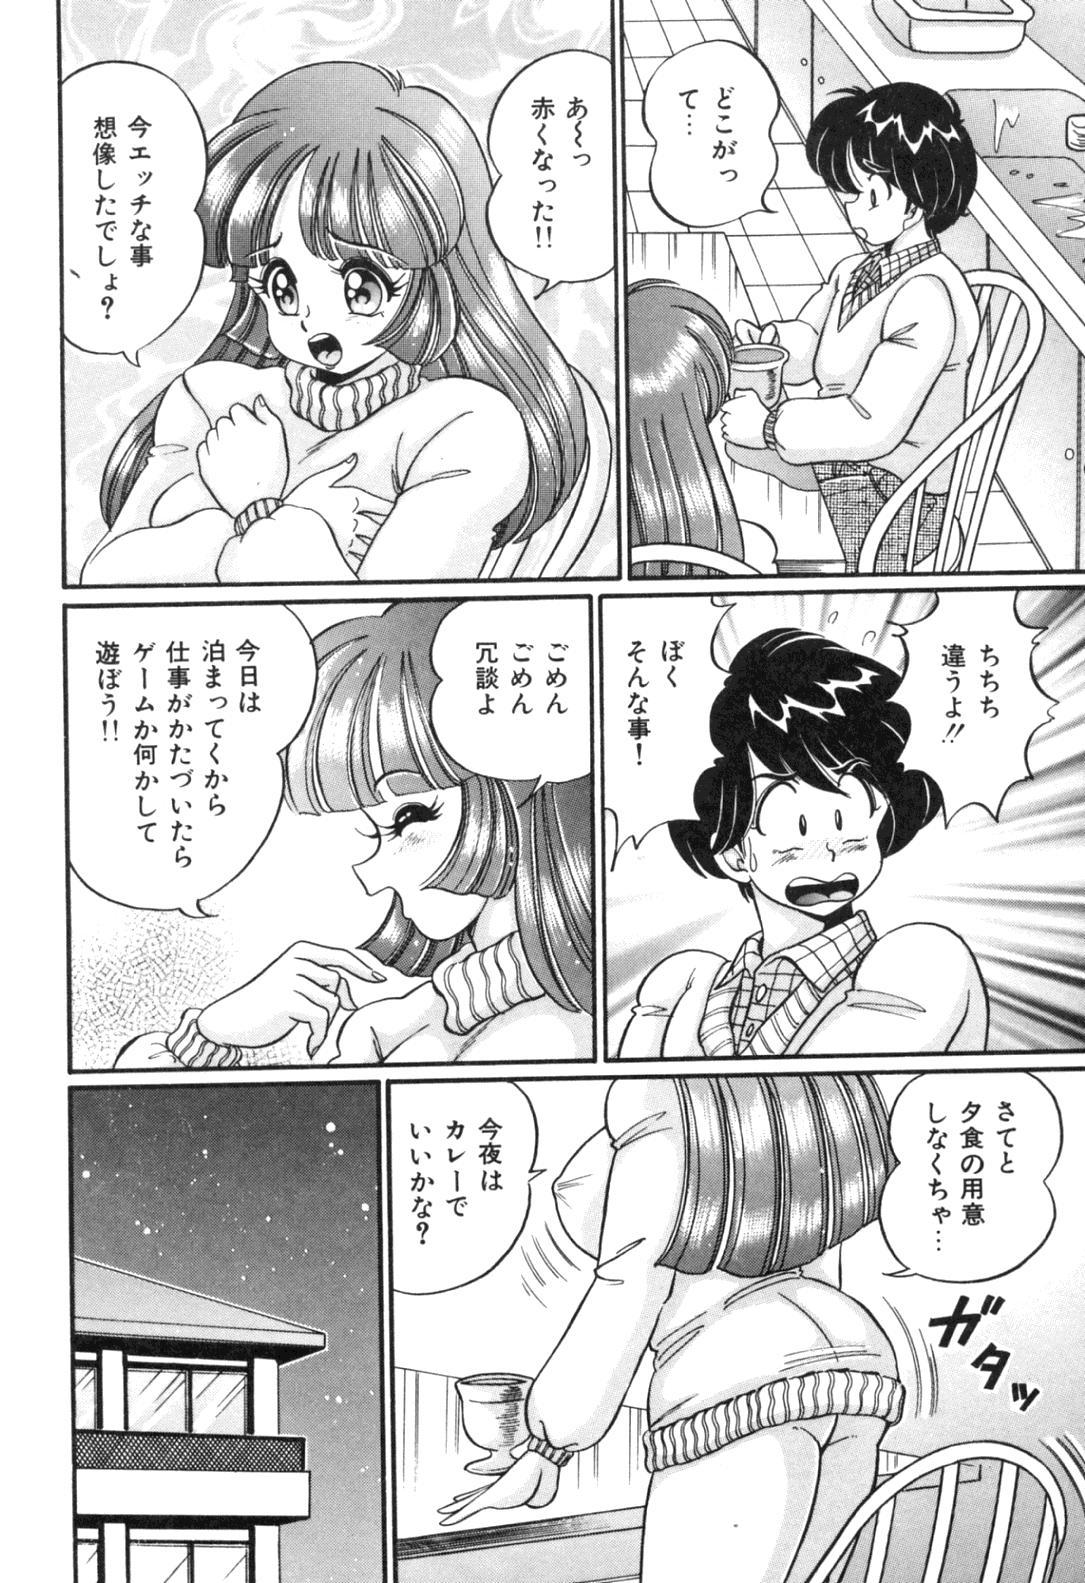 [Watanabe Wataru] Tonari no Onee-san - Sister of Neighborhood 118